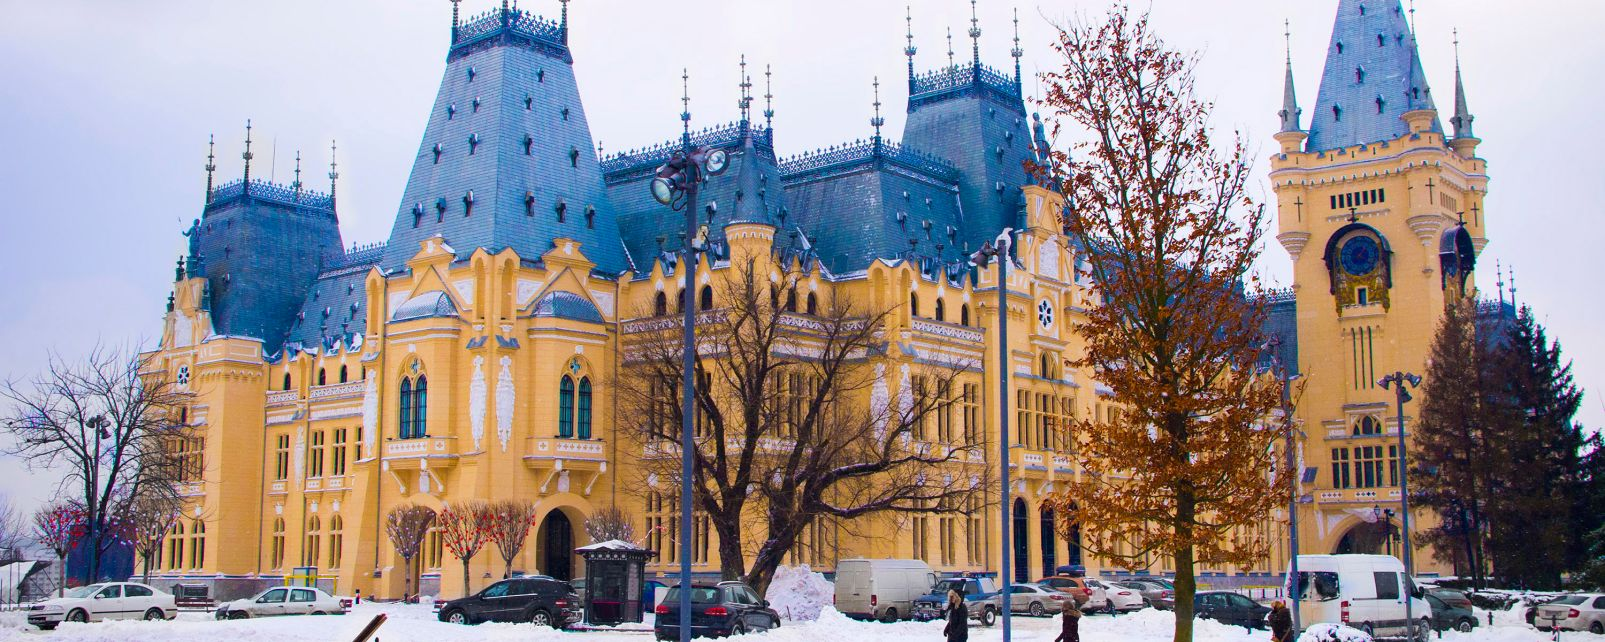 Iasi, Romania,